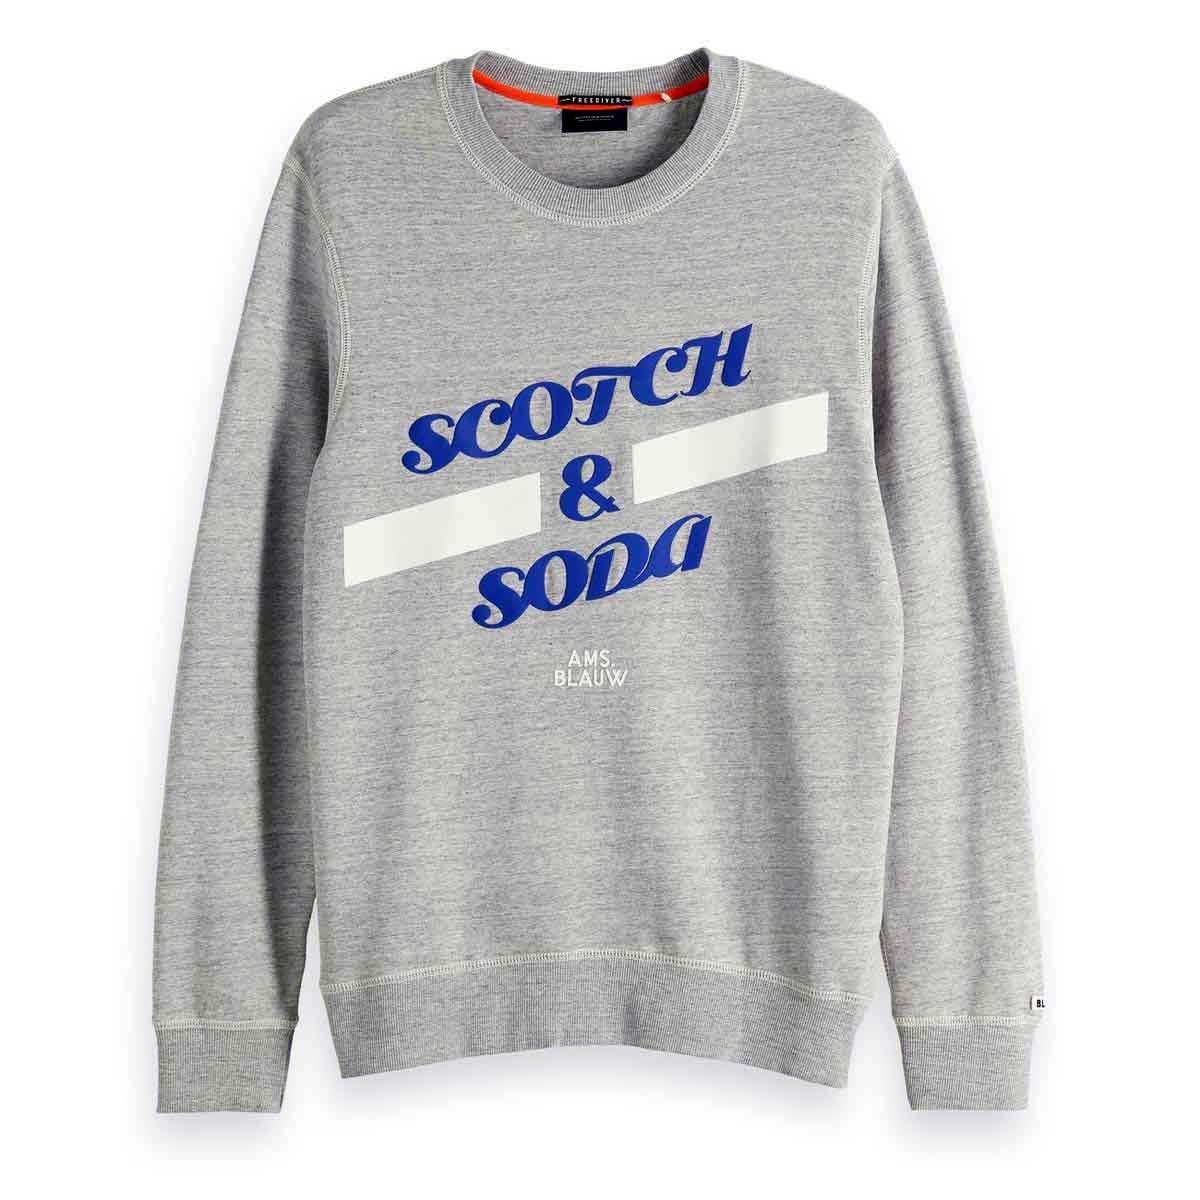 scotch_soda_17